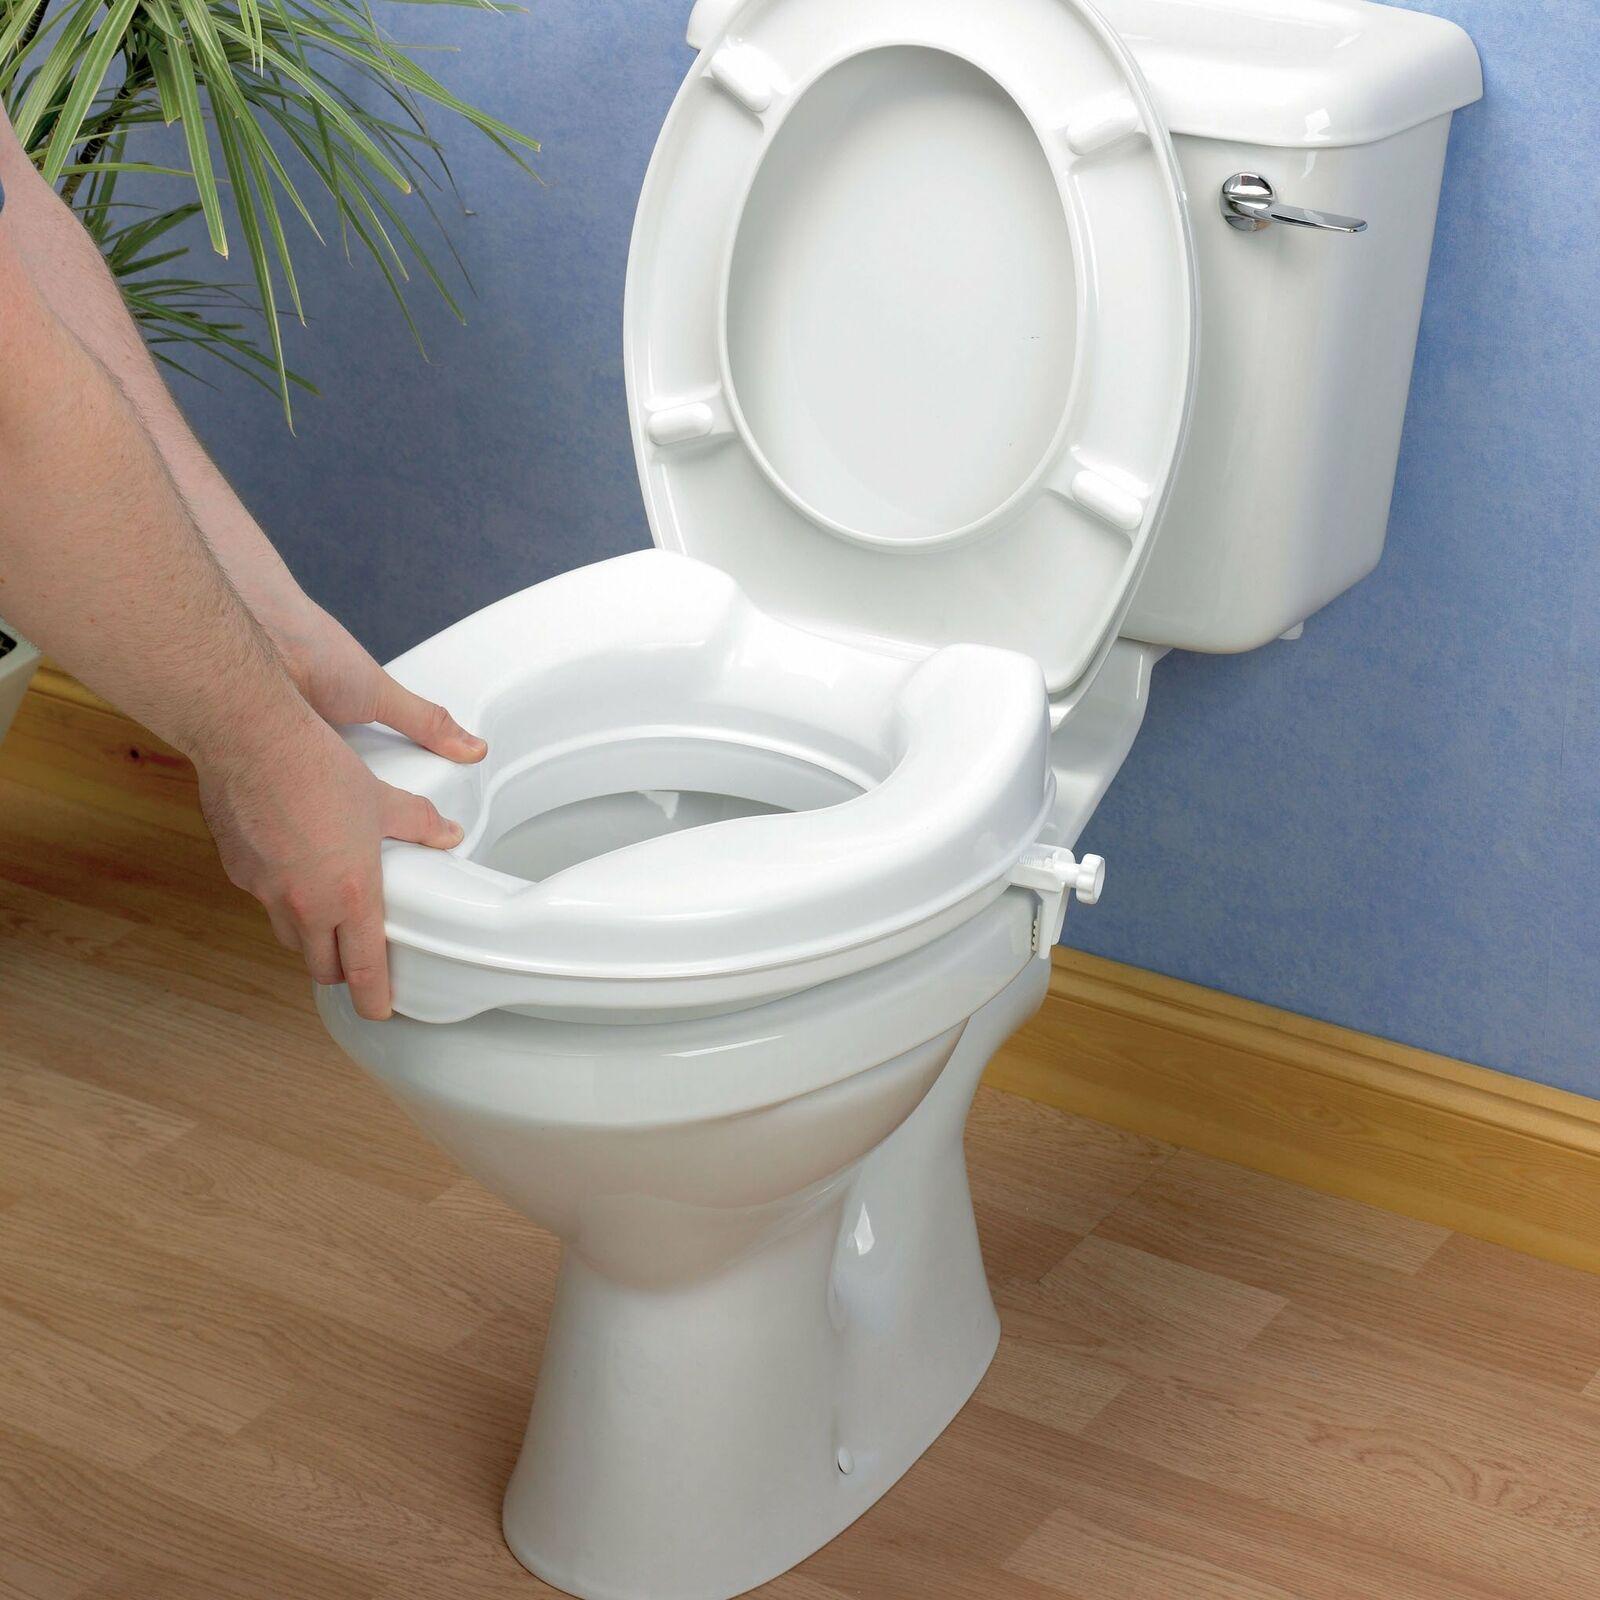 AA2112L AA2112L AA2112L Toilet seat 2 W Lid 9b696f